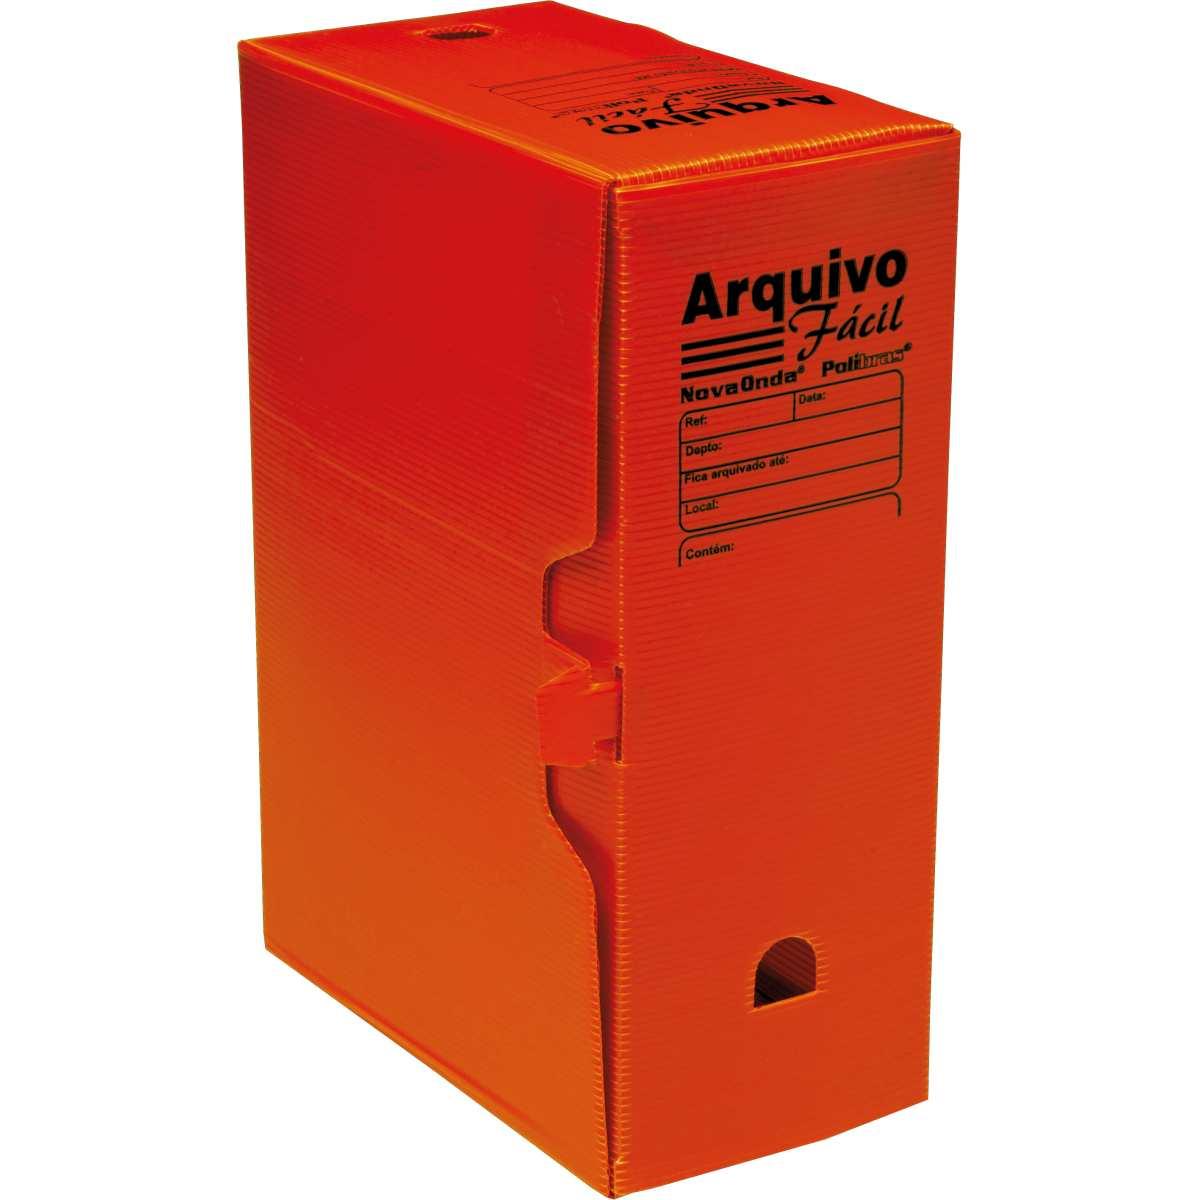 ARQUIVO MORTO PLASTICO VERMELHO 335 X 133 X 252 MM